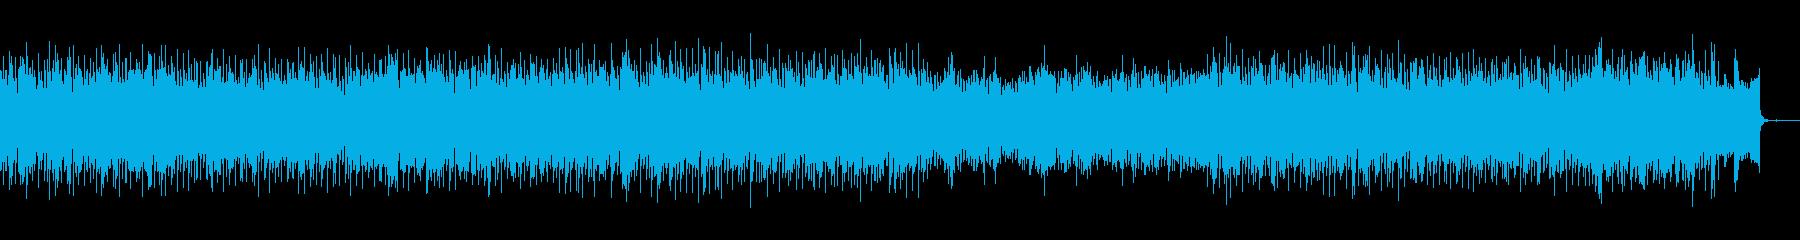 シンセを多用したコピューターミュージックの再生済みの波形